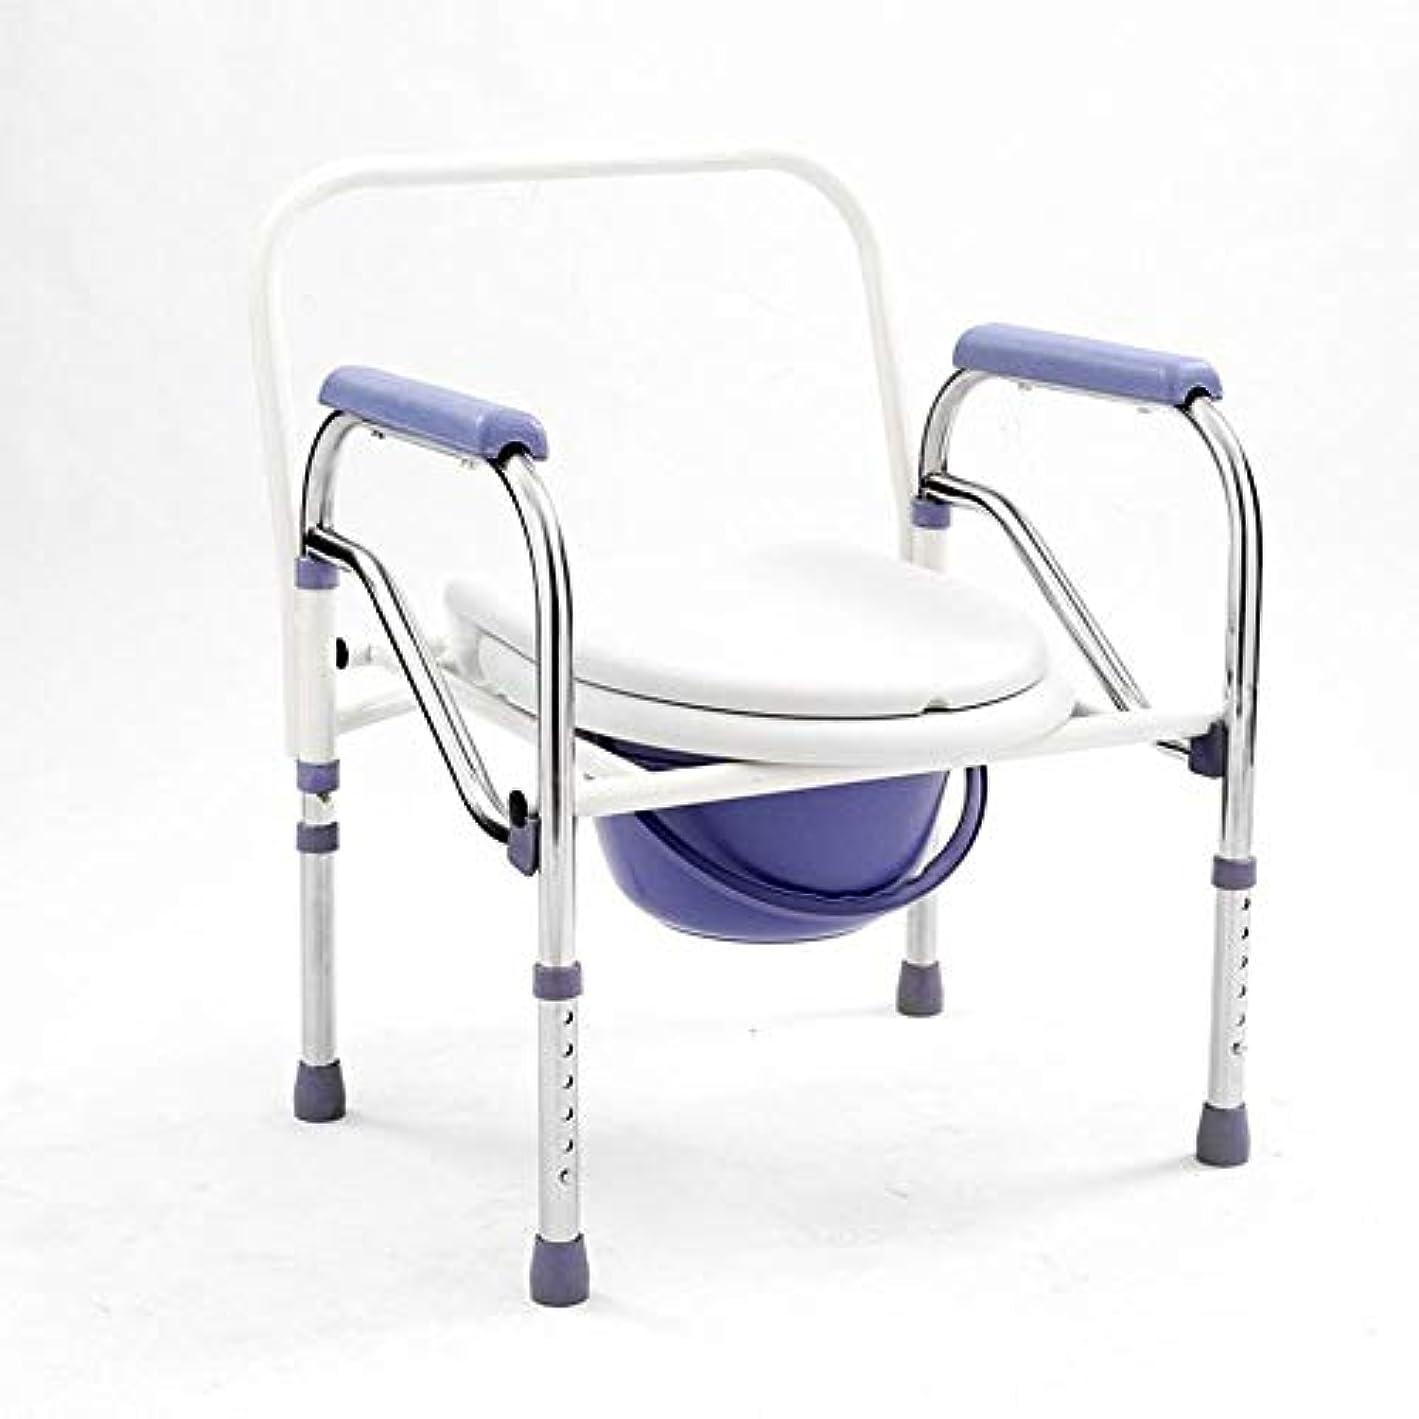 ラビリンス採用サーバント高齢者の歩行者のための多機能便器椅子、折りたたみ軽量便器椅子